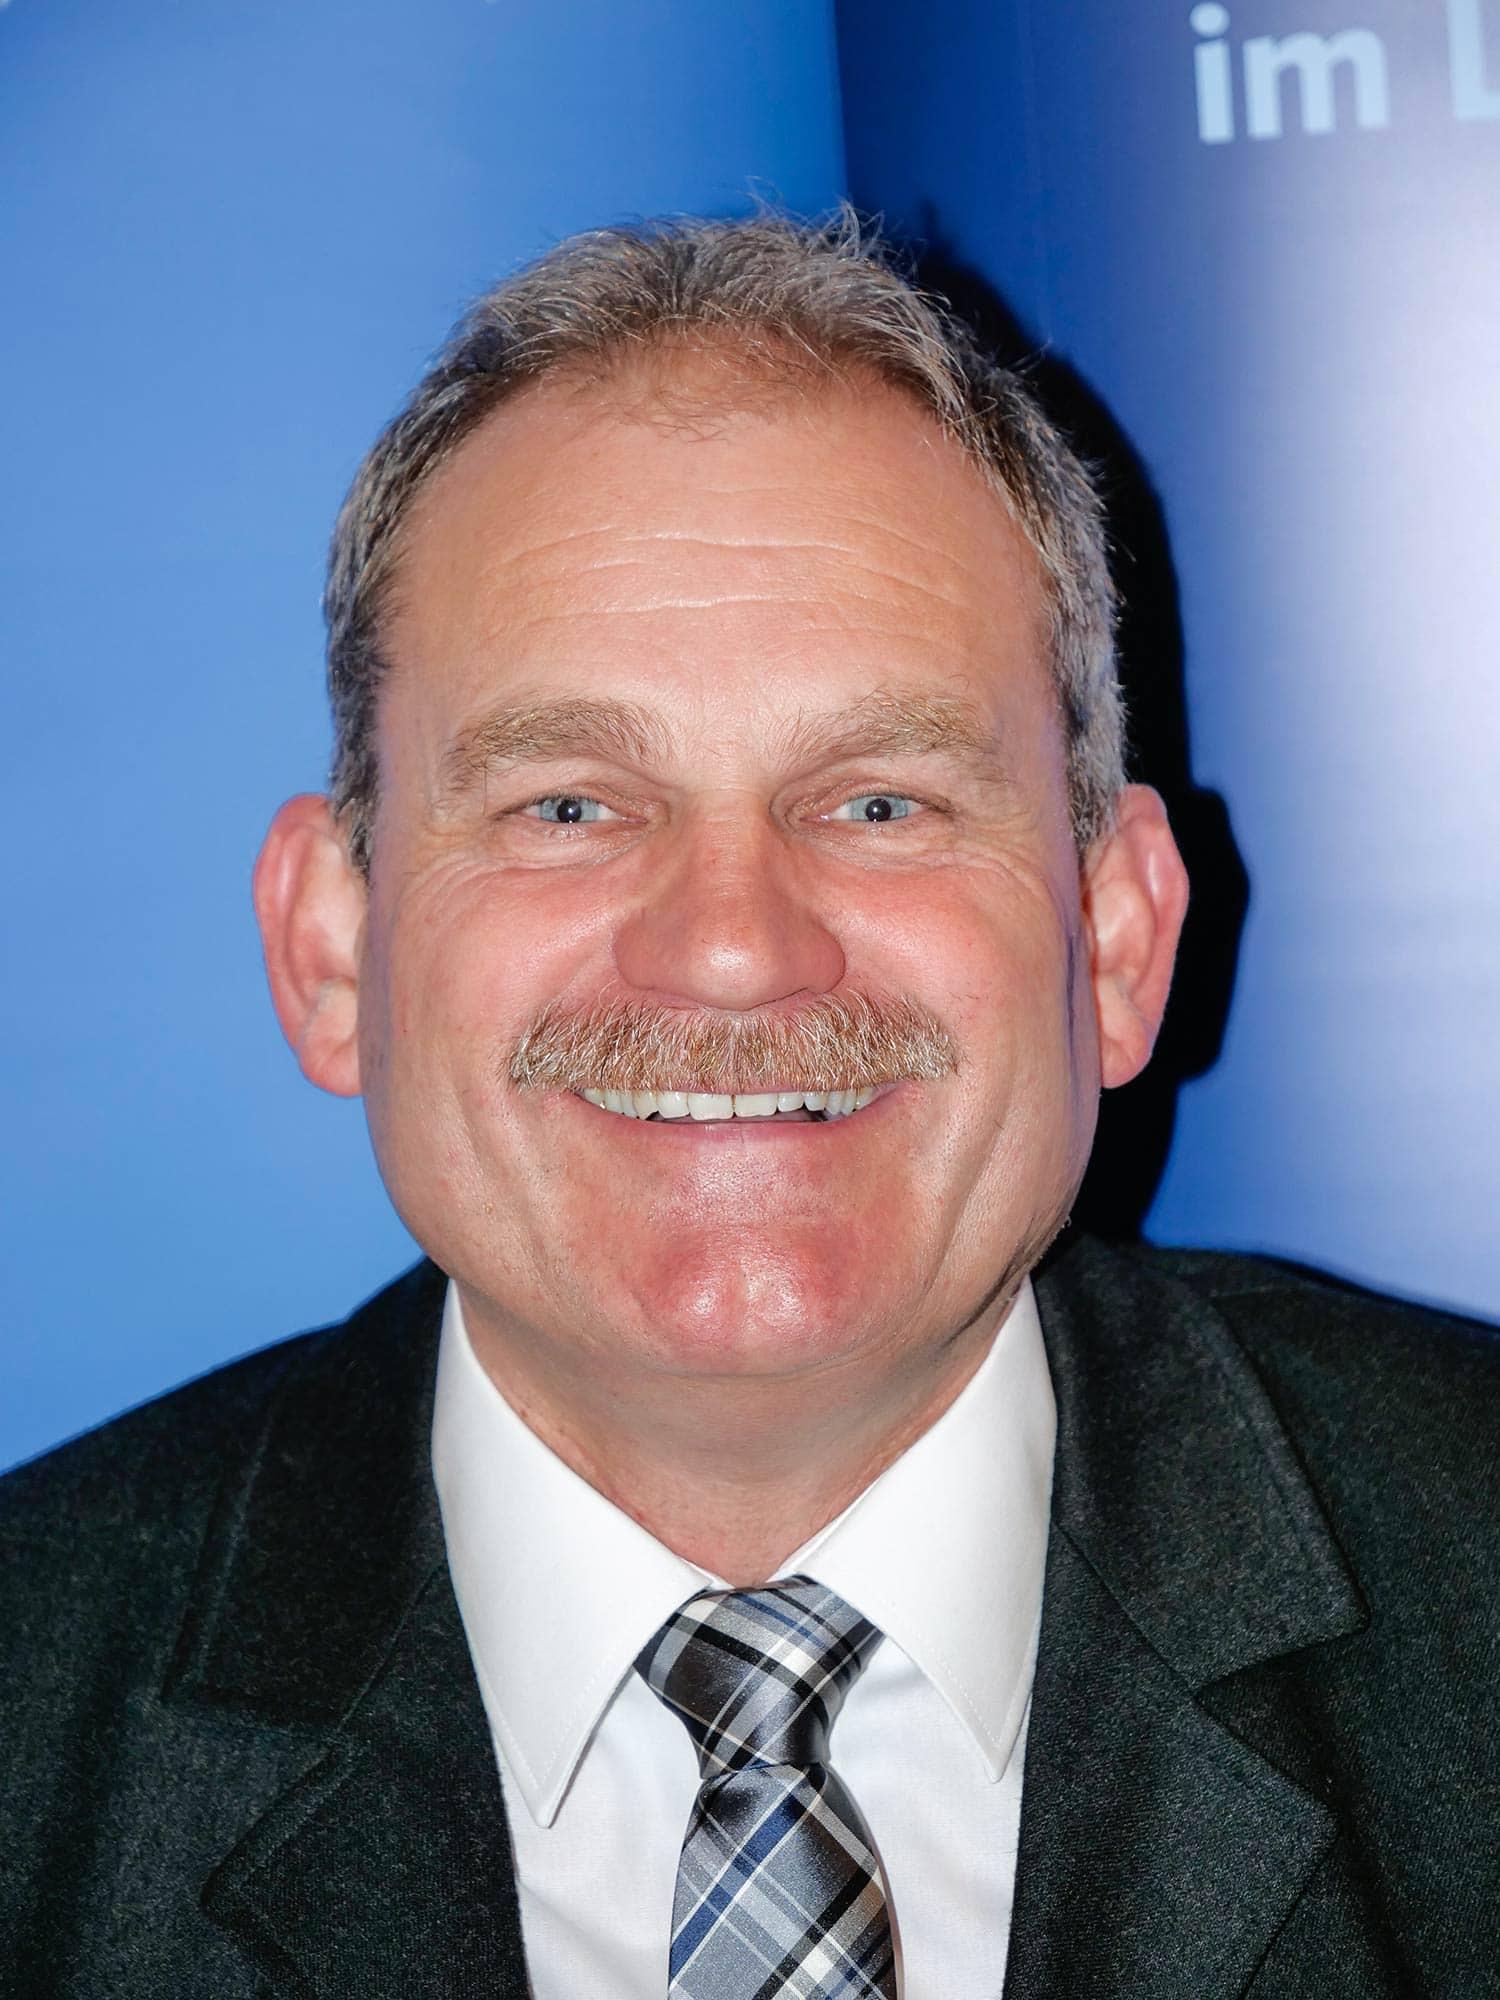 In Aufhausen wird Toni Schmid (CSU) in den kommenden sechs Jahren die Geschicke im Rathaus übernehmen, er lag in der Stichwahl mit seiner Konkurrentin Melanie Sperl bei einer Wahlbeteiligung von 77,06 Prozent vorne und konnte 54,87 Prozent der Wählerstimmen auf sich vereinen.